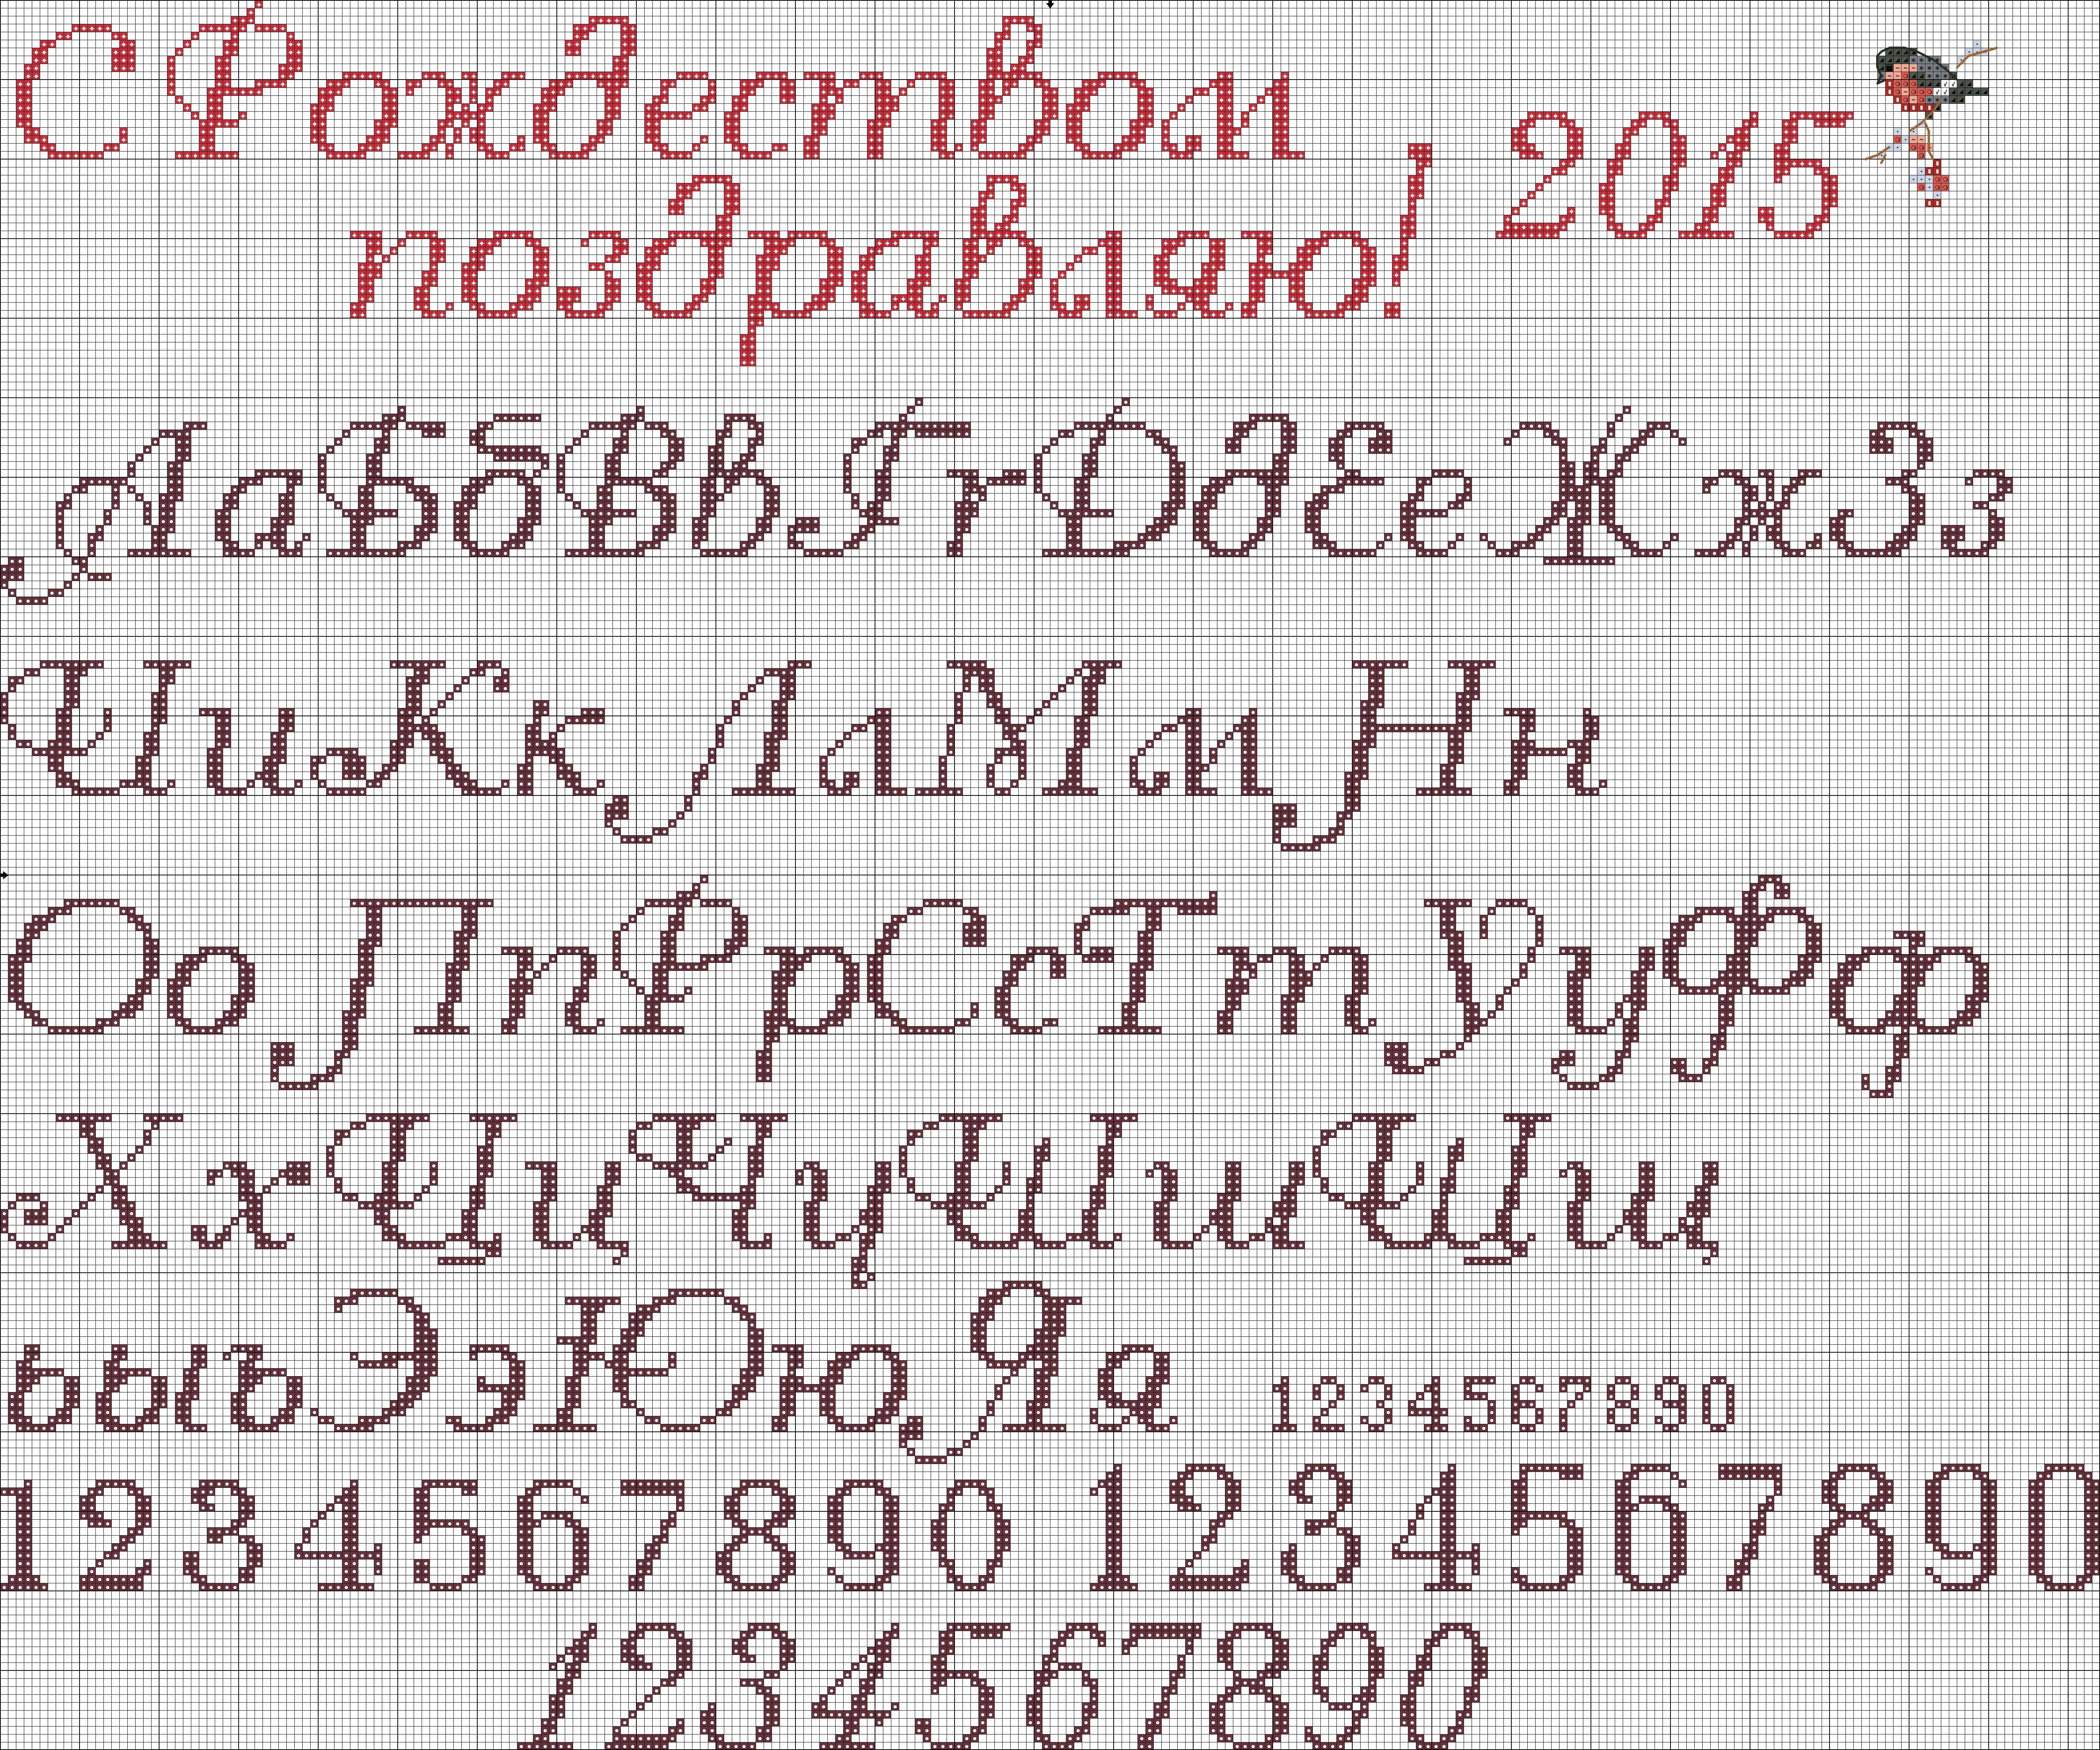 Русский алфавит для вышивки метрики